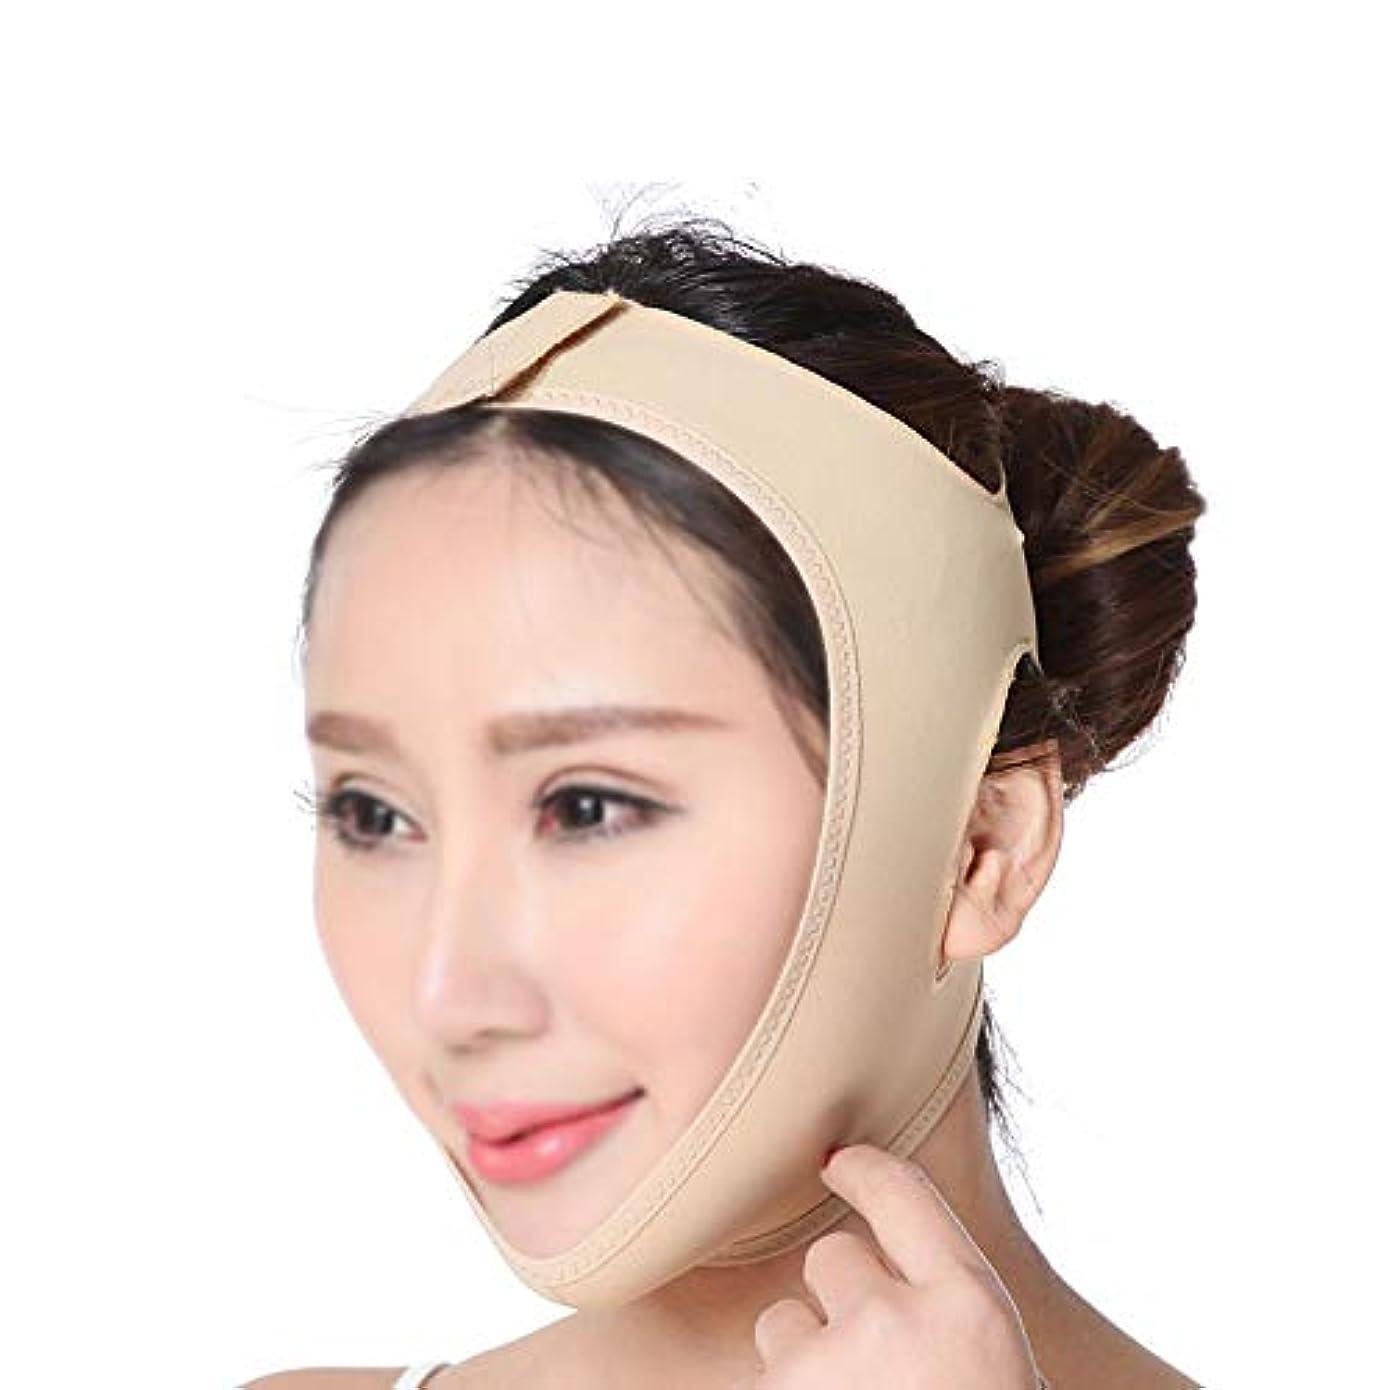 ブロックする包帯バットTLMY V字型の顔の包帯のマスクを作成するために二重あごの顔の持ち上がる引き締めモードを細くする薄い顔の包帯の薄い顔 顔用整形マスク